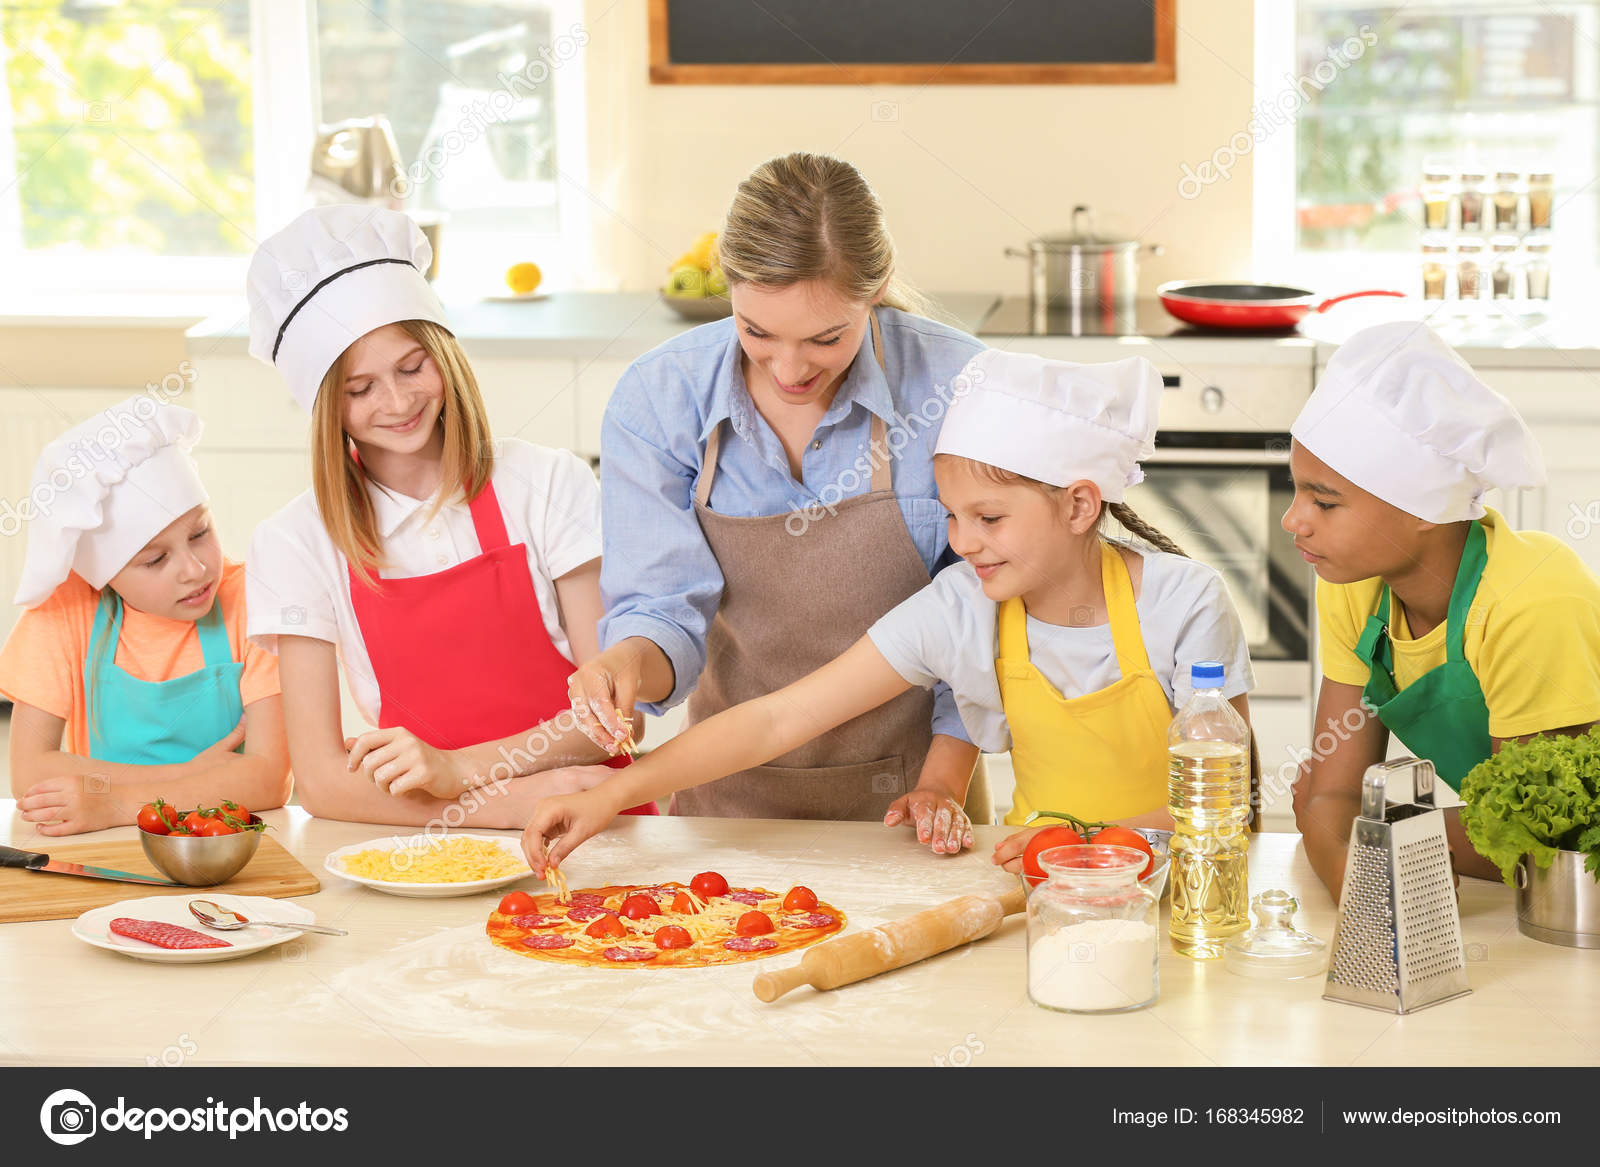 Διάρκεια μαγειρικής